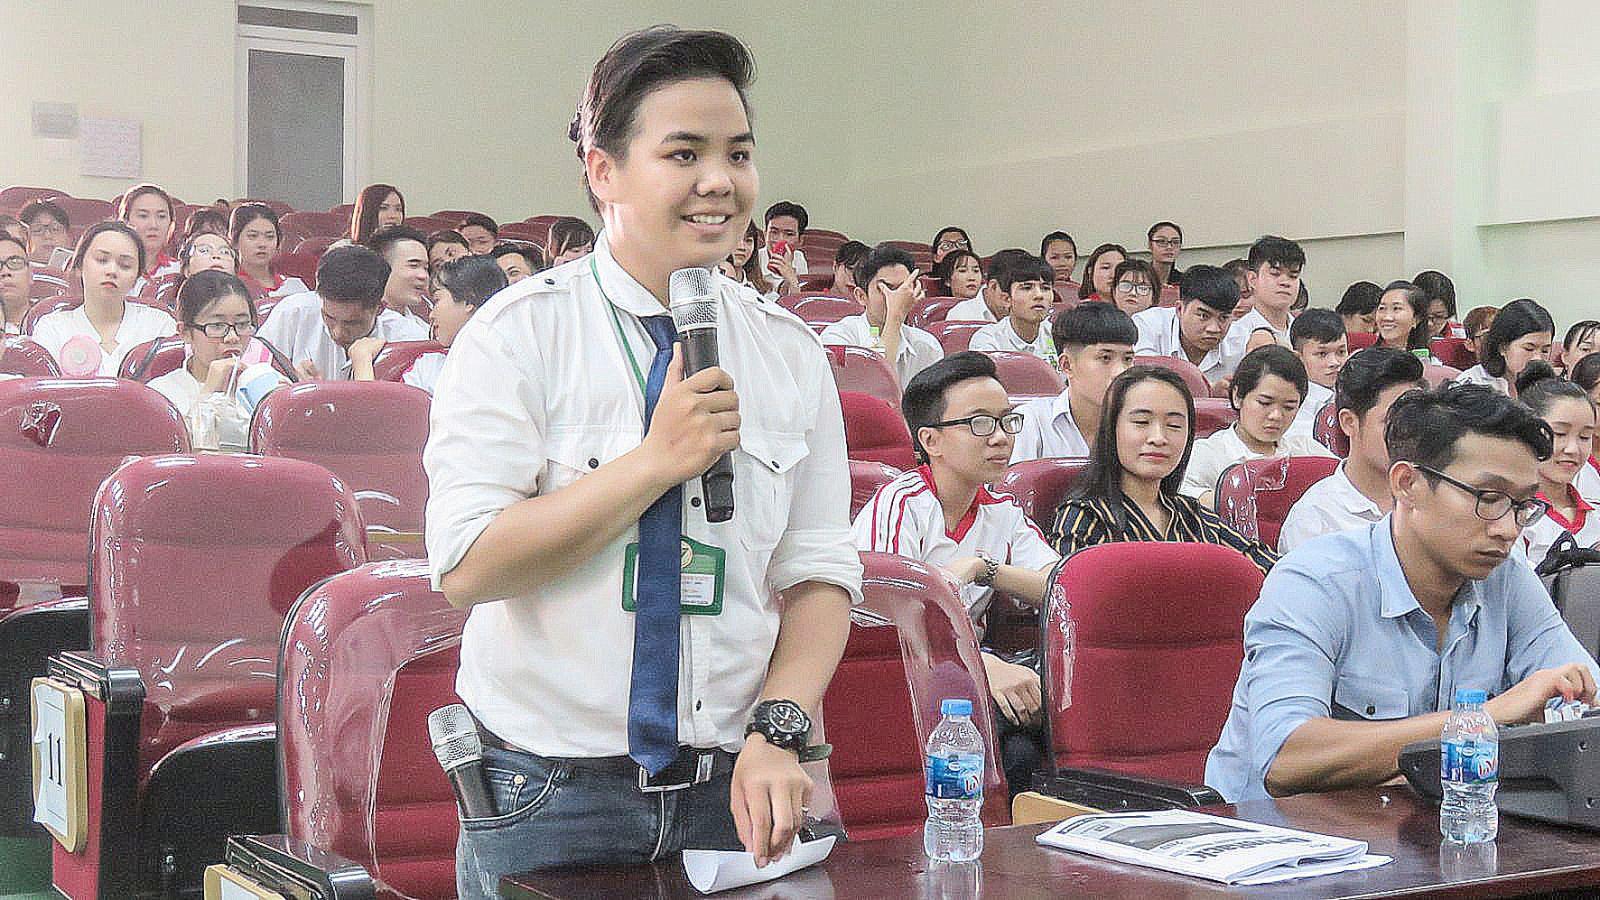 Sinh viên đặt câu hỏi với doanh nghiệp tại chương trình giao lưu đối thoại giữa DN và HSSV do Trường CĐ Nghề Du lịch Cần Thơ tổ chức. Ảnh: B.KIÊN